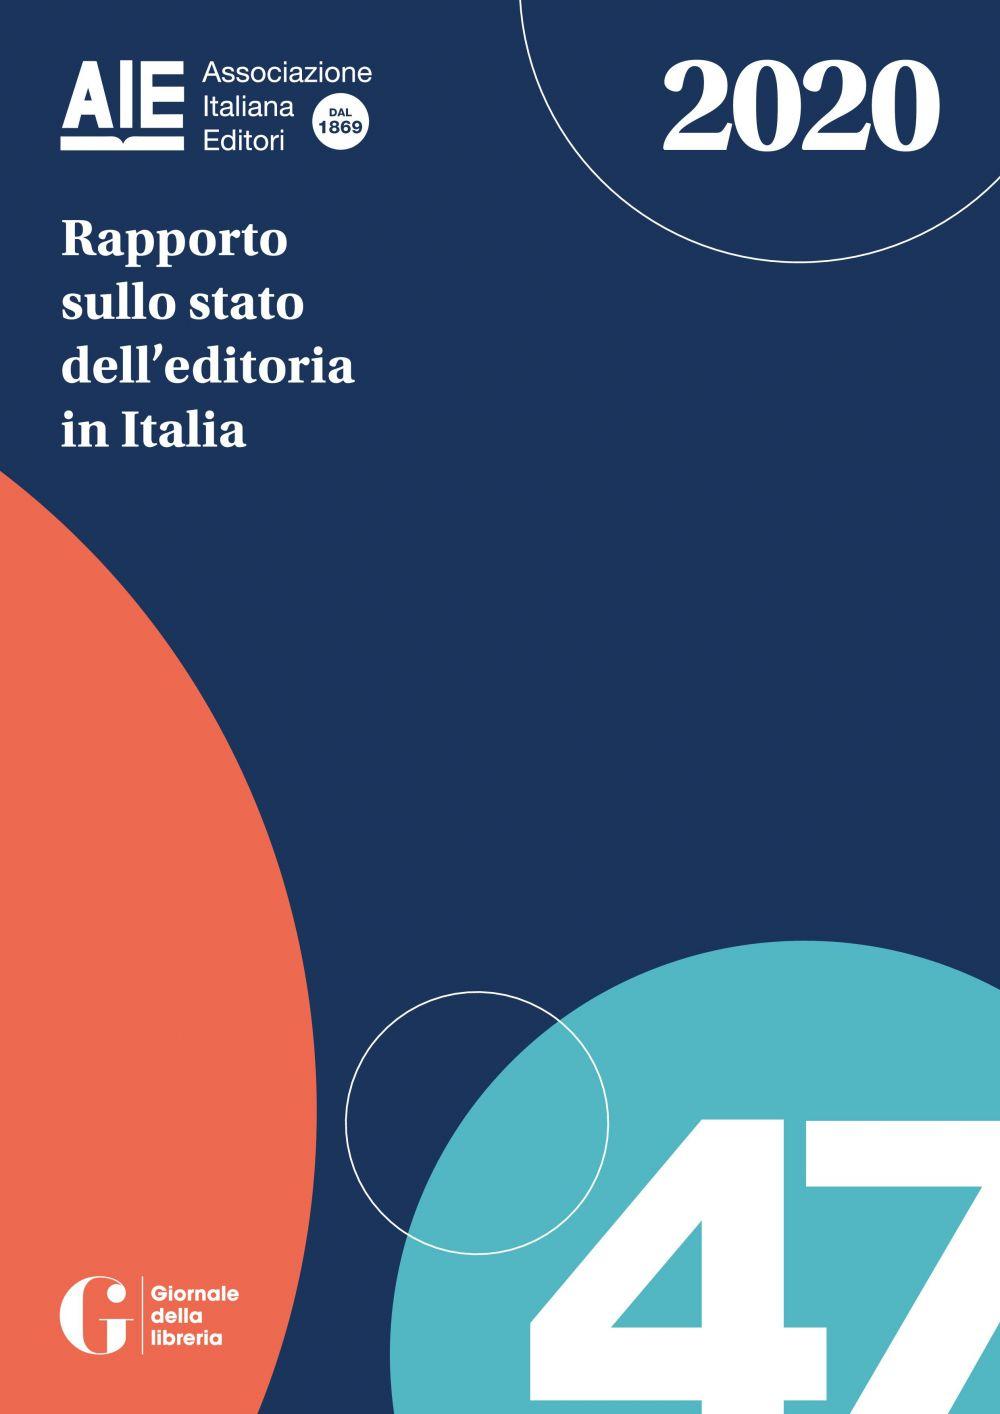 Rapporto sullo stato dell'editoria in Italia 2020